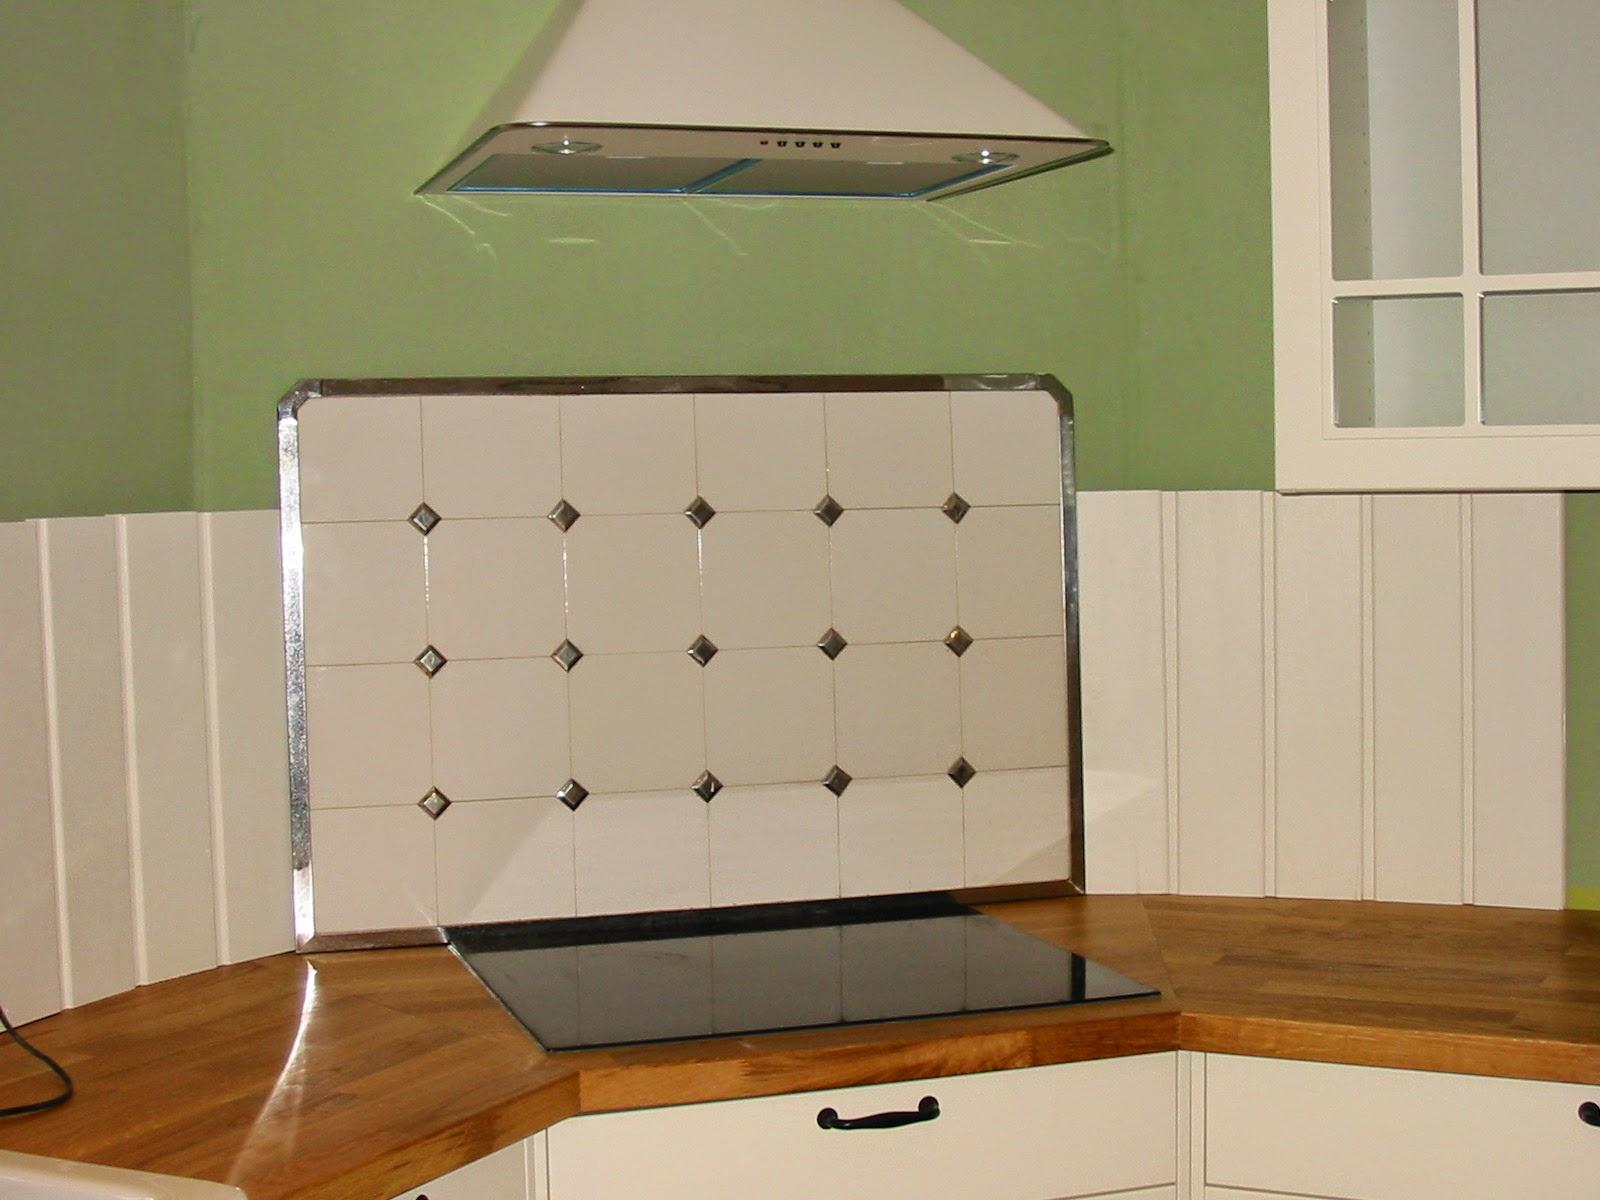 Fliesenspiegel Für Küche fliesenspiegel küche höhe beste inspiration für ihr interior design und möbel